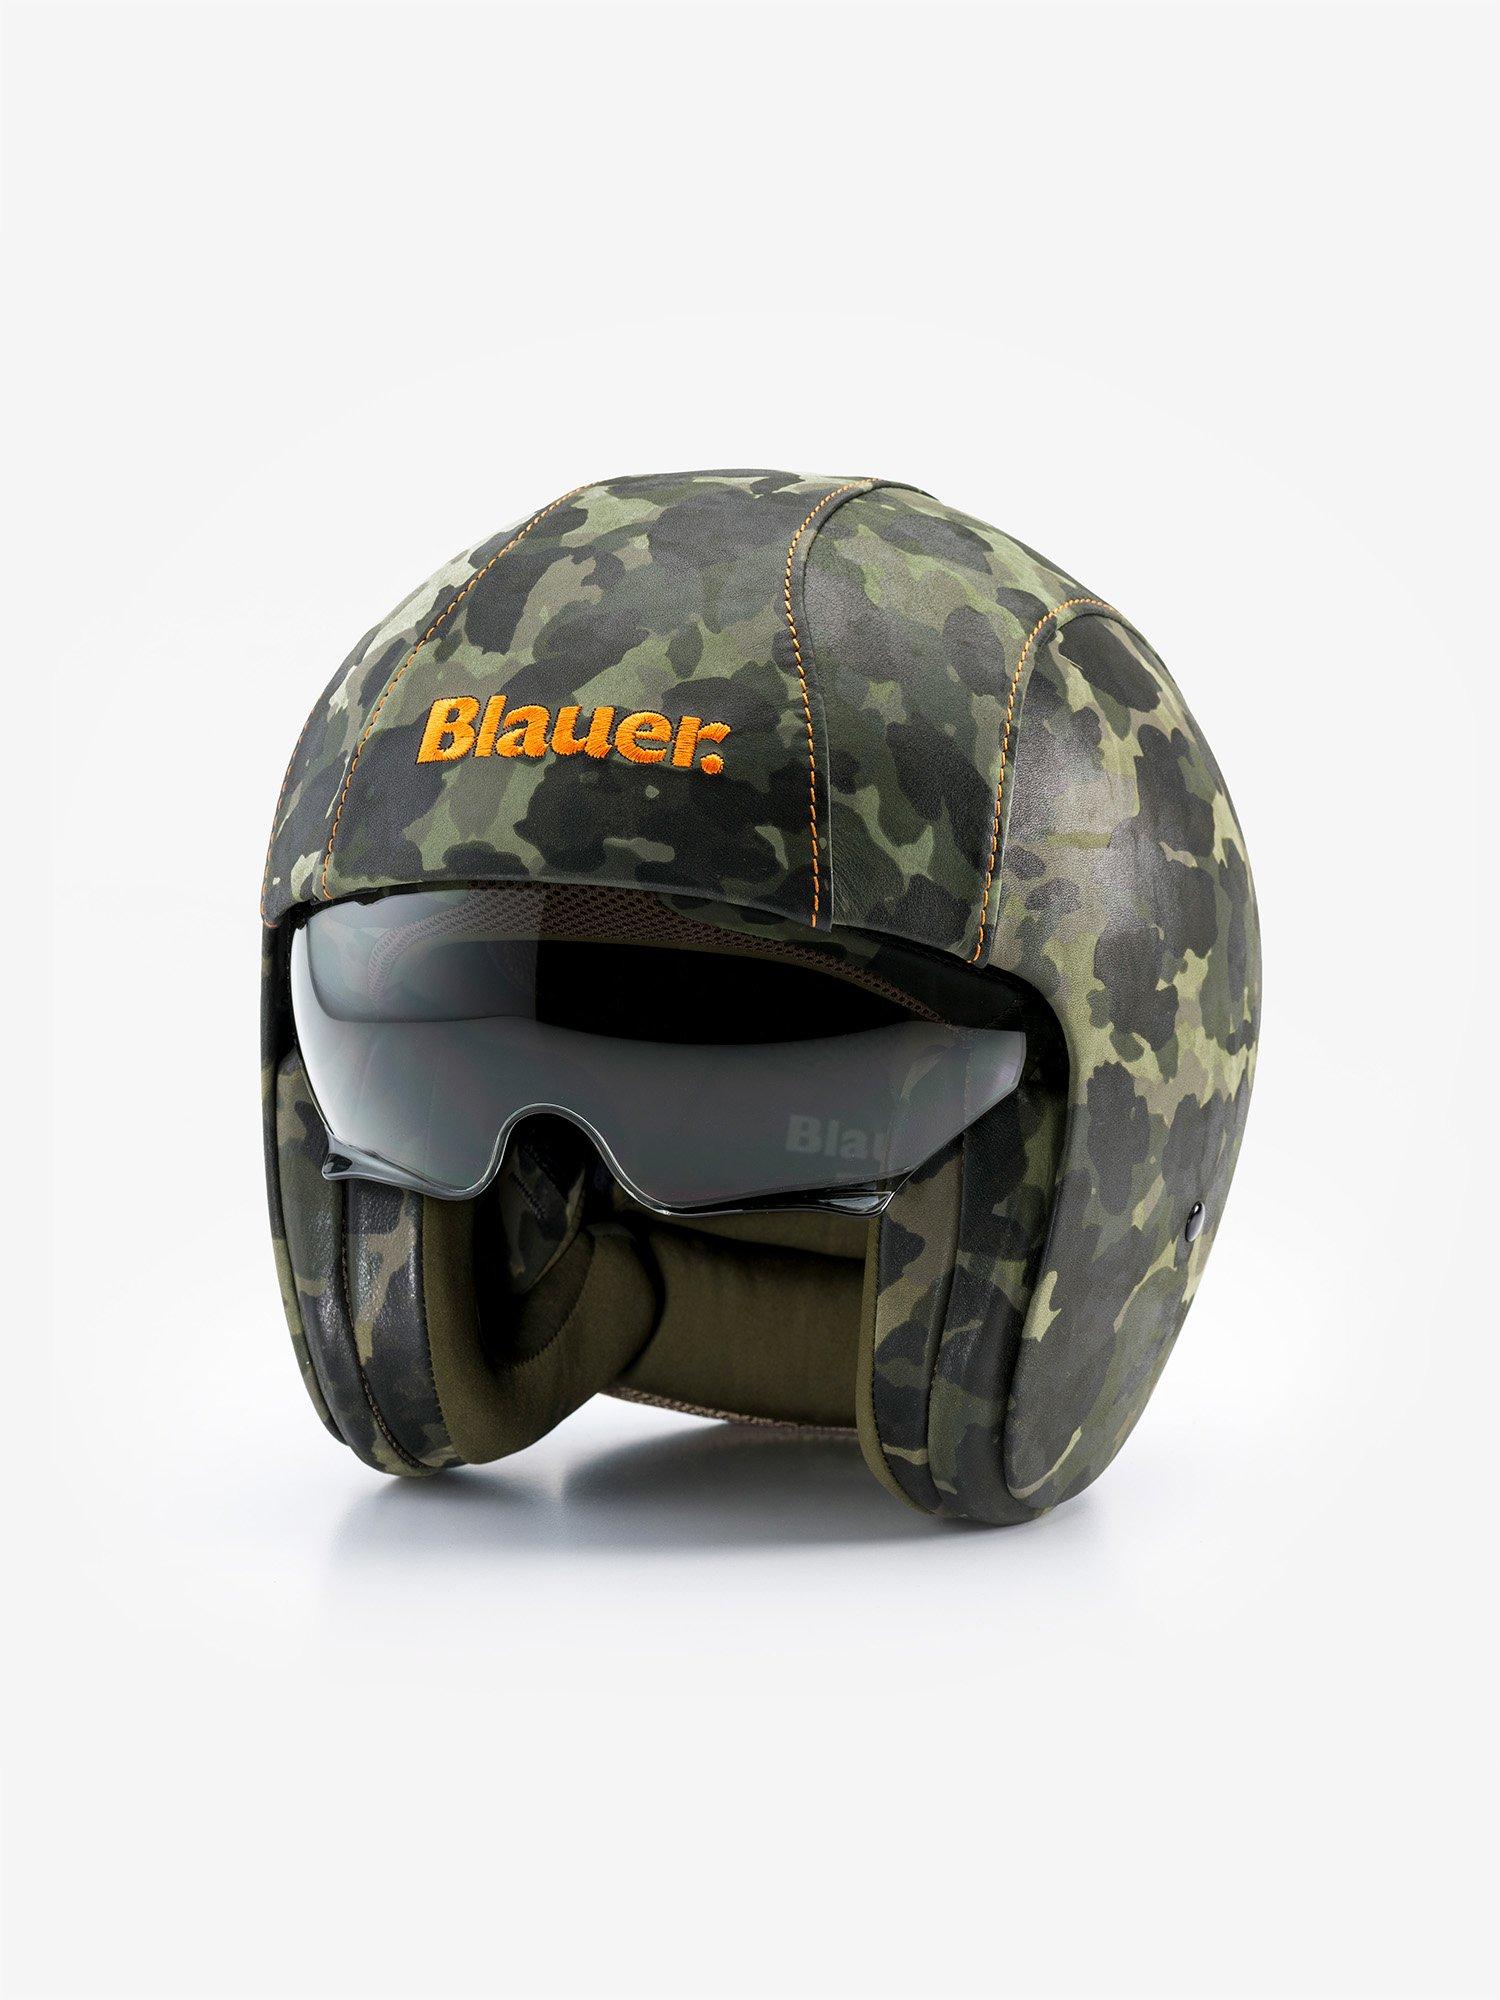 Blauer - PILOT 1.1 MILITARY - Camouflage Green - Blauer